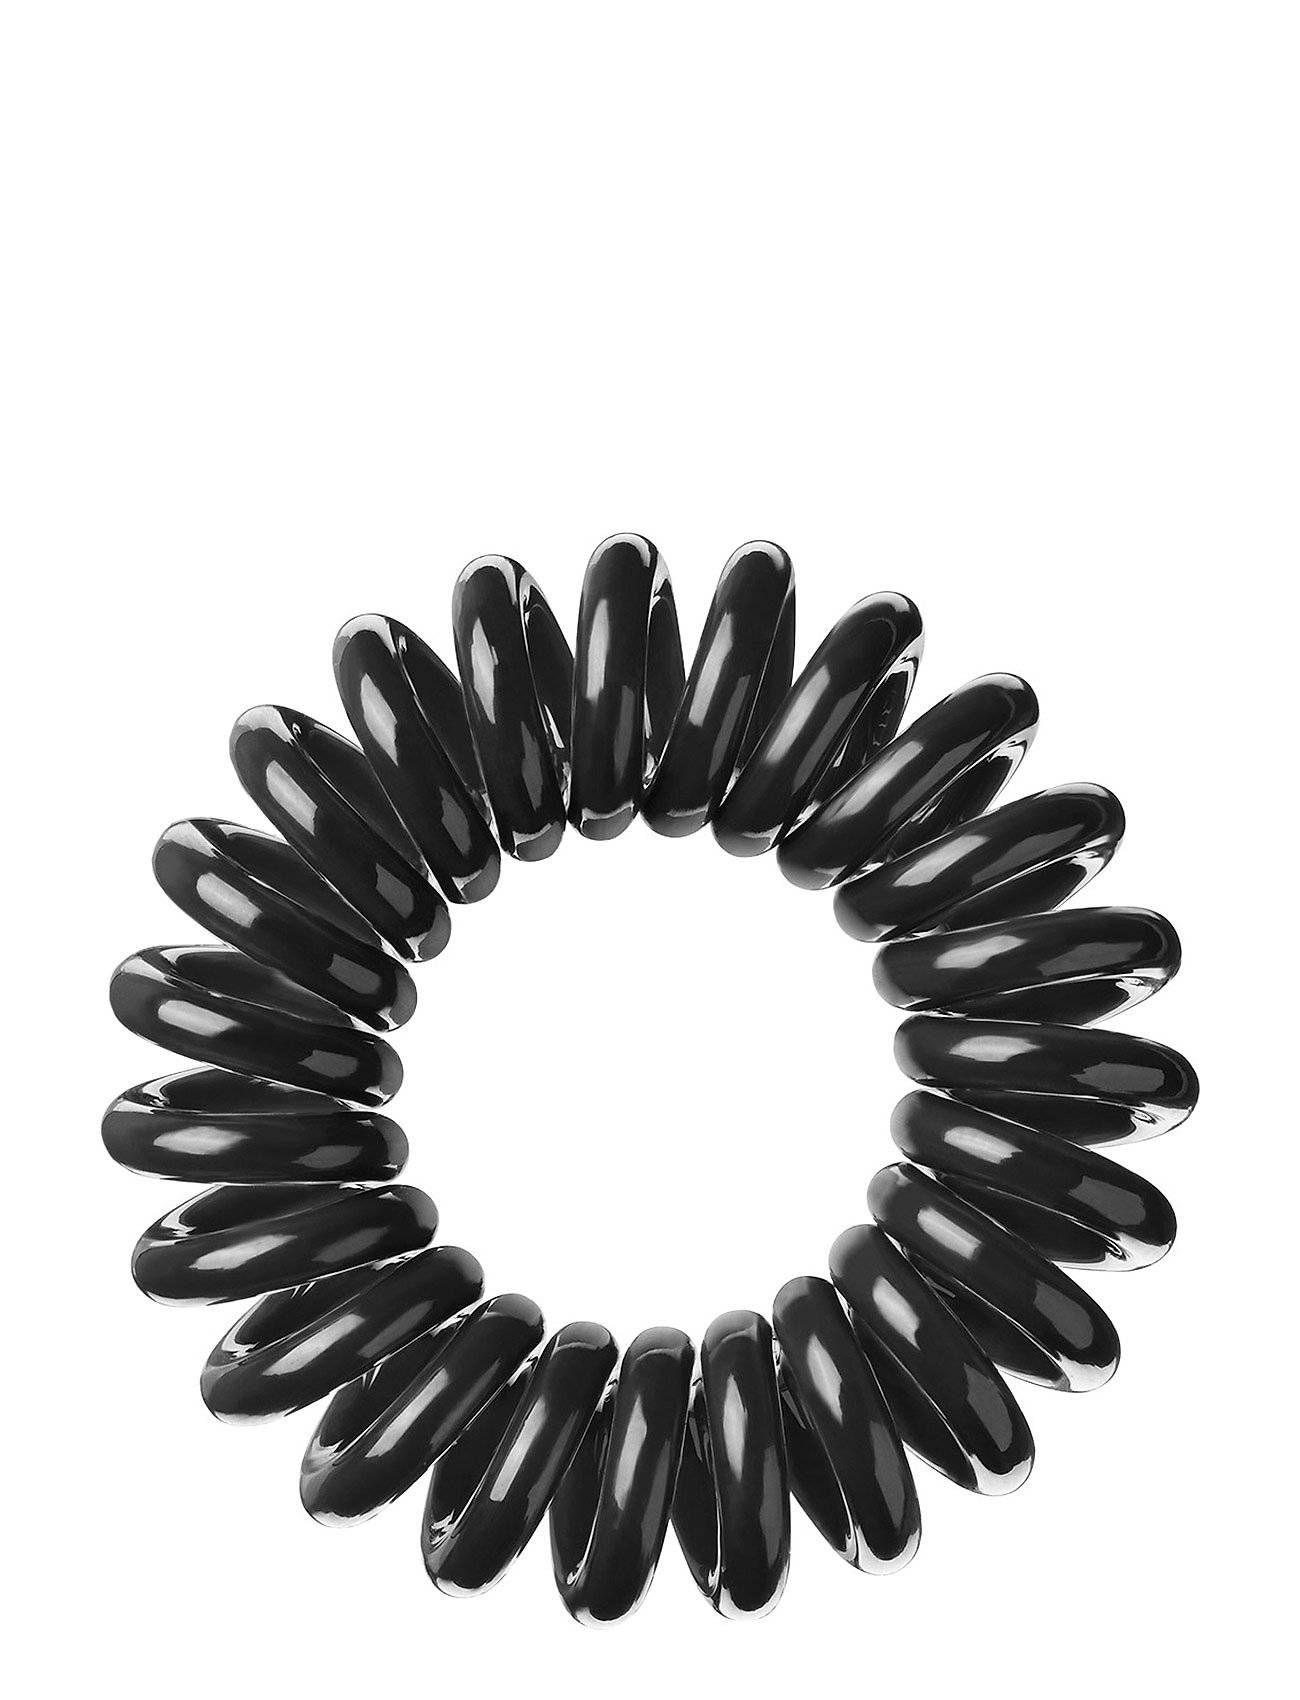 Image of Invisibobble Original True Black Accessories Hair Hair Accessories Musta Invisibobble